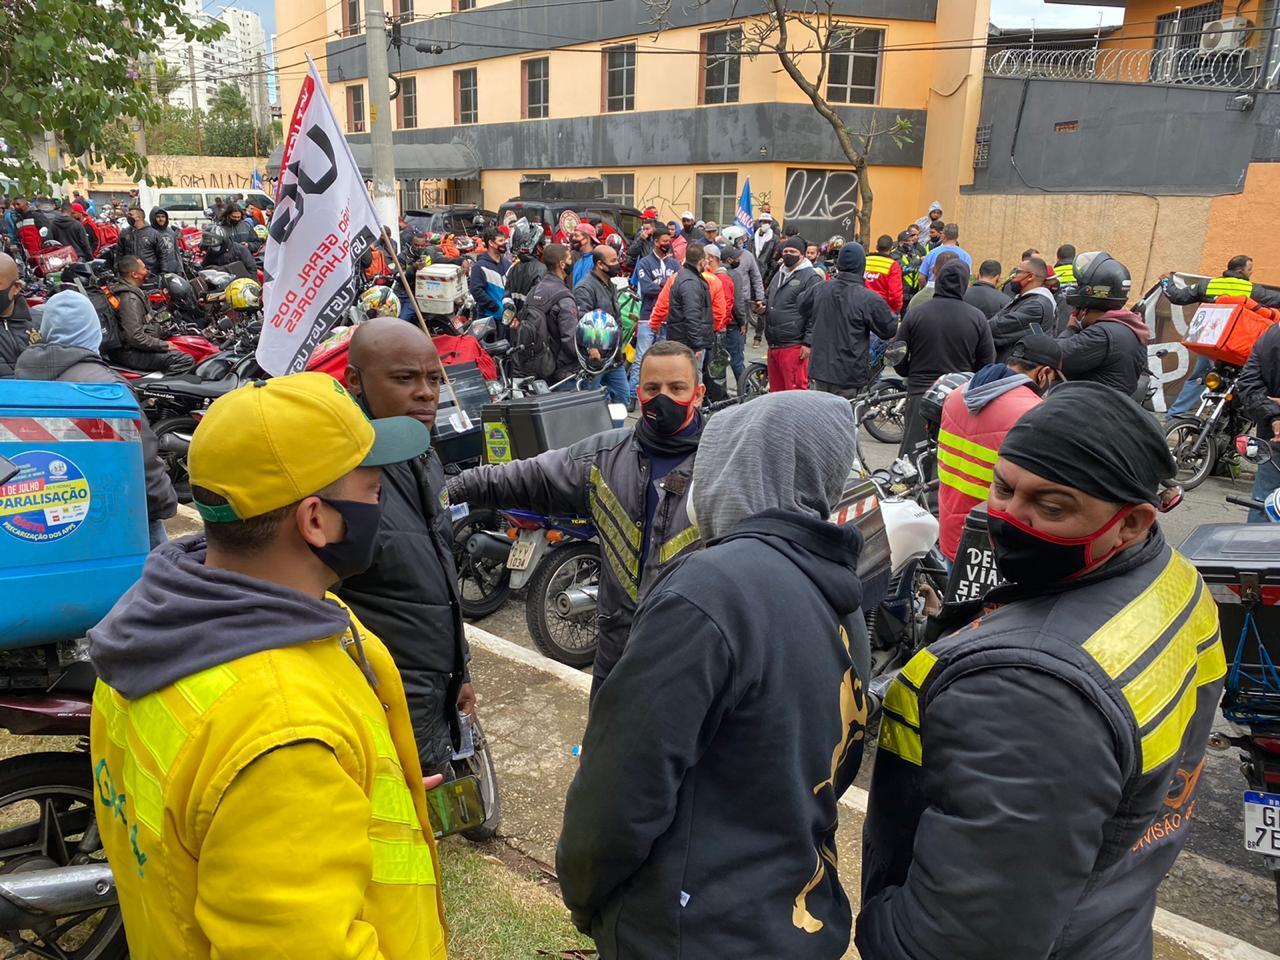 Em São Paulo, entregadores fazem greve e manifestação por direitos trabalhistas